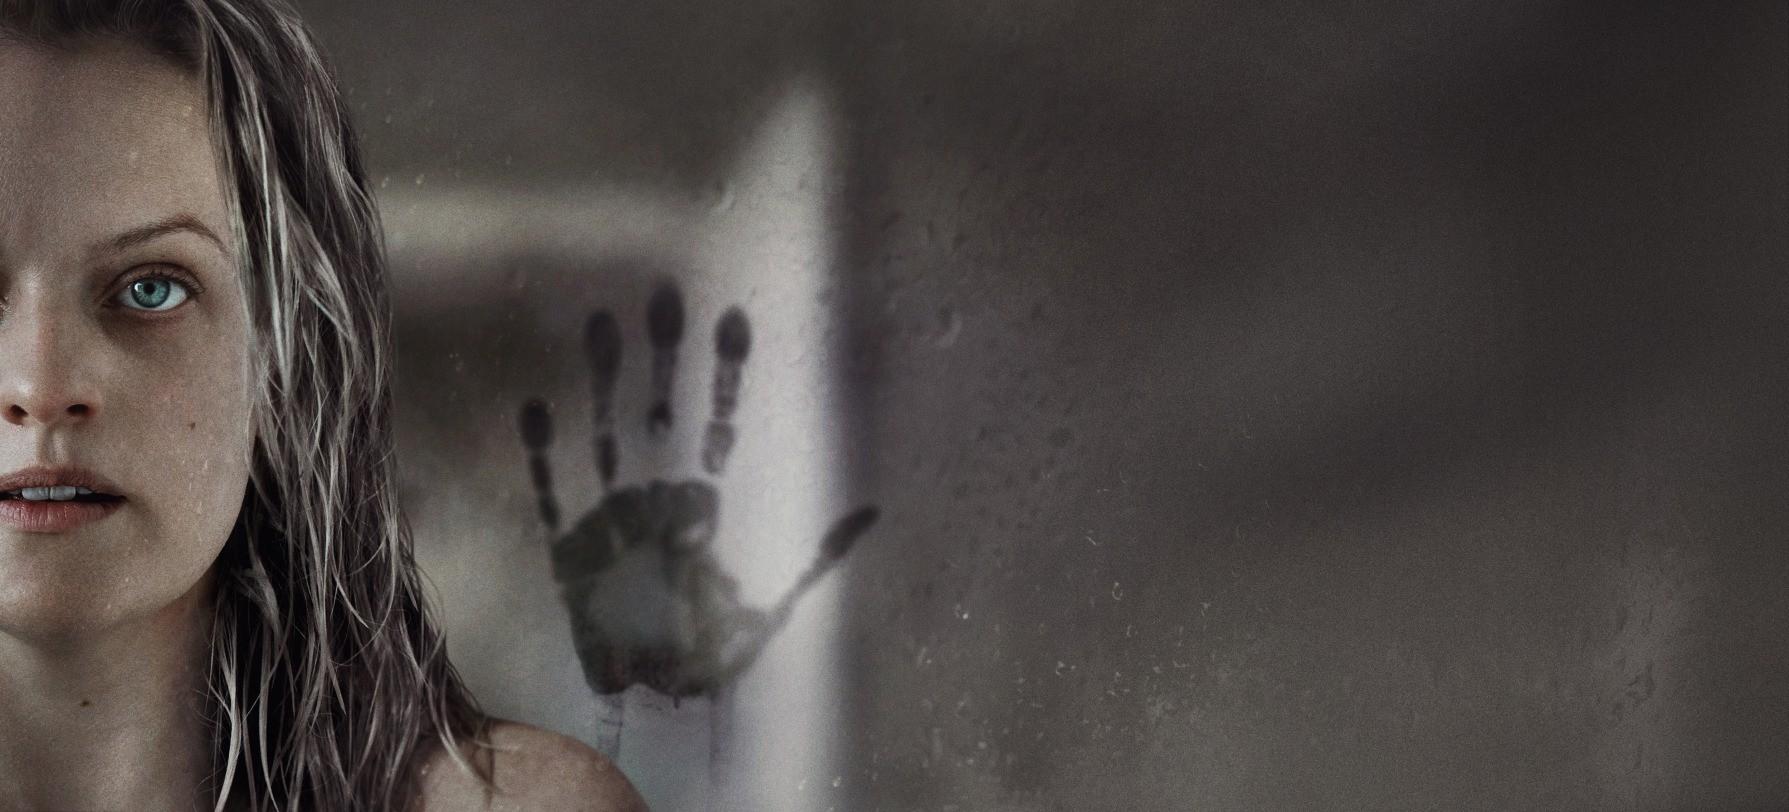 O Homem Invisível: uma alegoria sobre relacionamentos abusivos